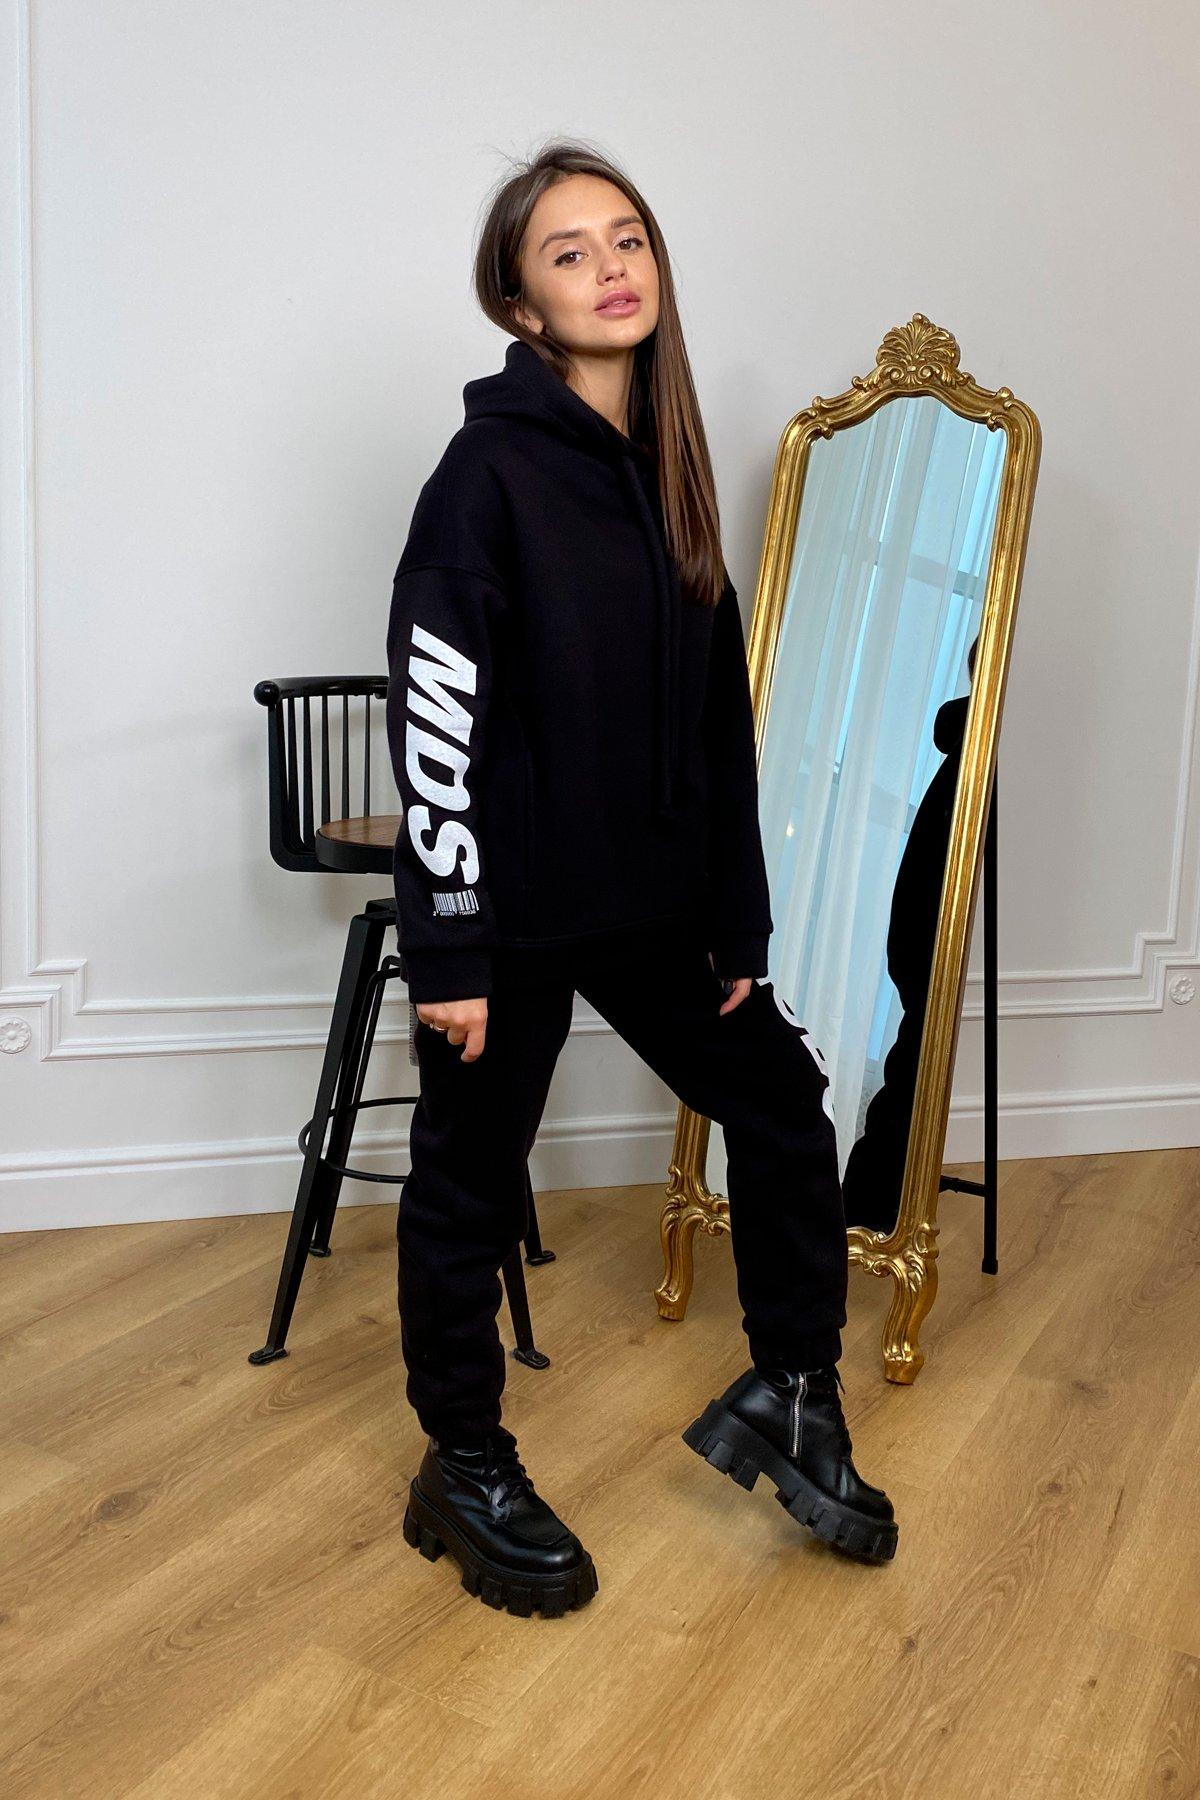 МДС трикотаж 3х нитка с начесом костюм 9986 АРТ. 46348 Цвет: Черный - фото 2, интернет магазин tm-modus.ru